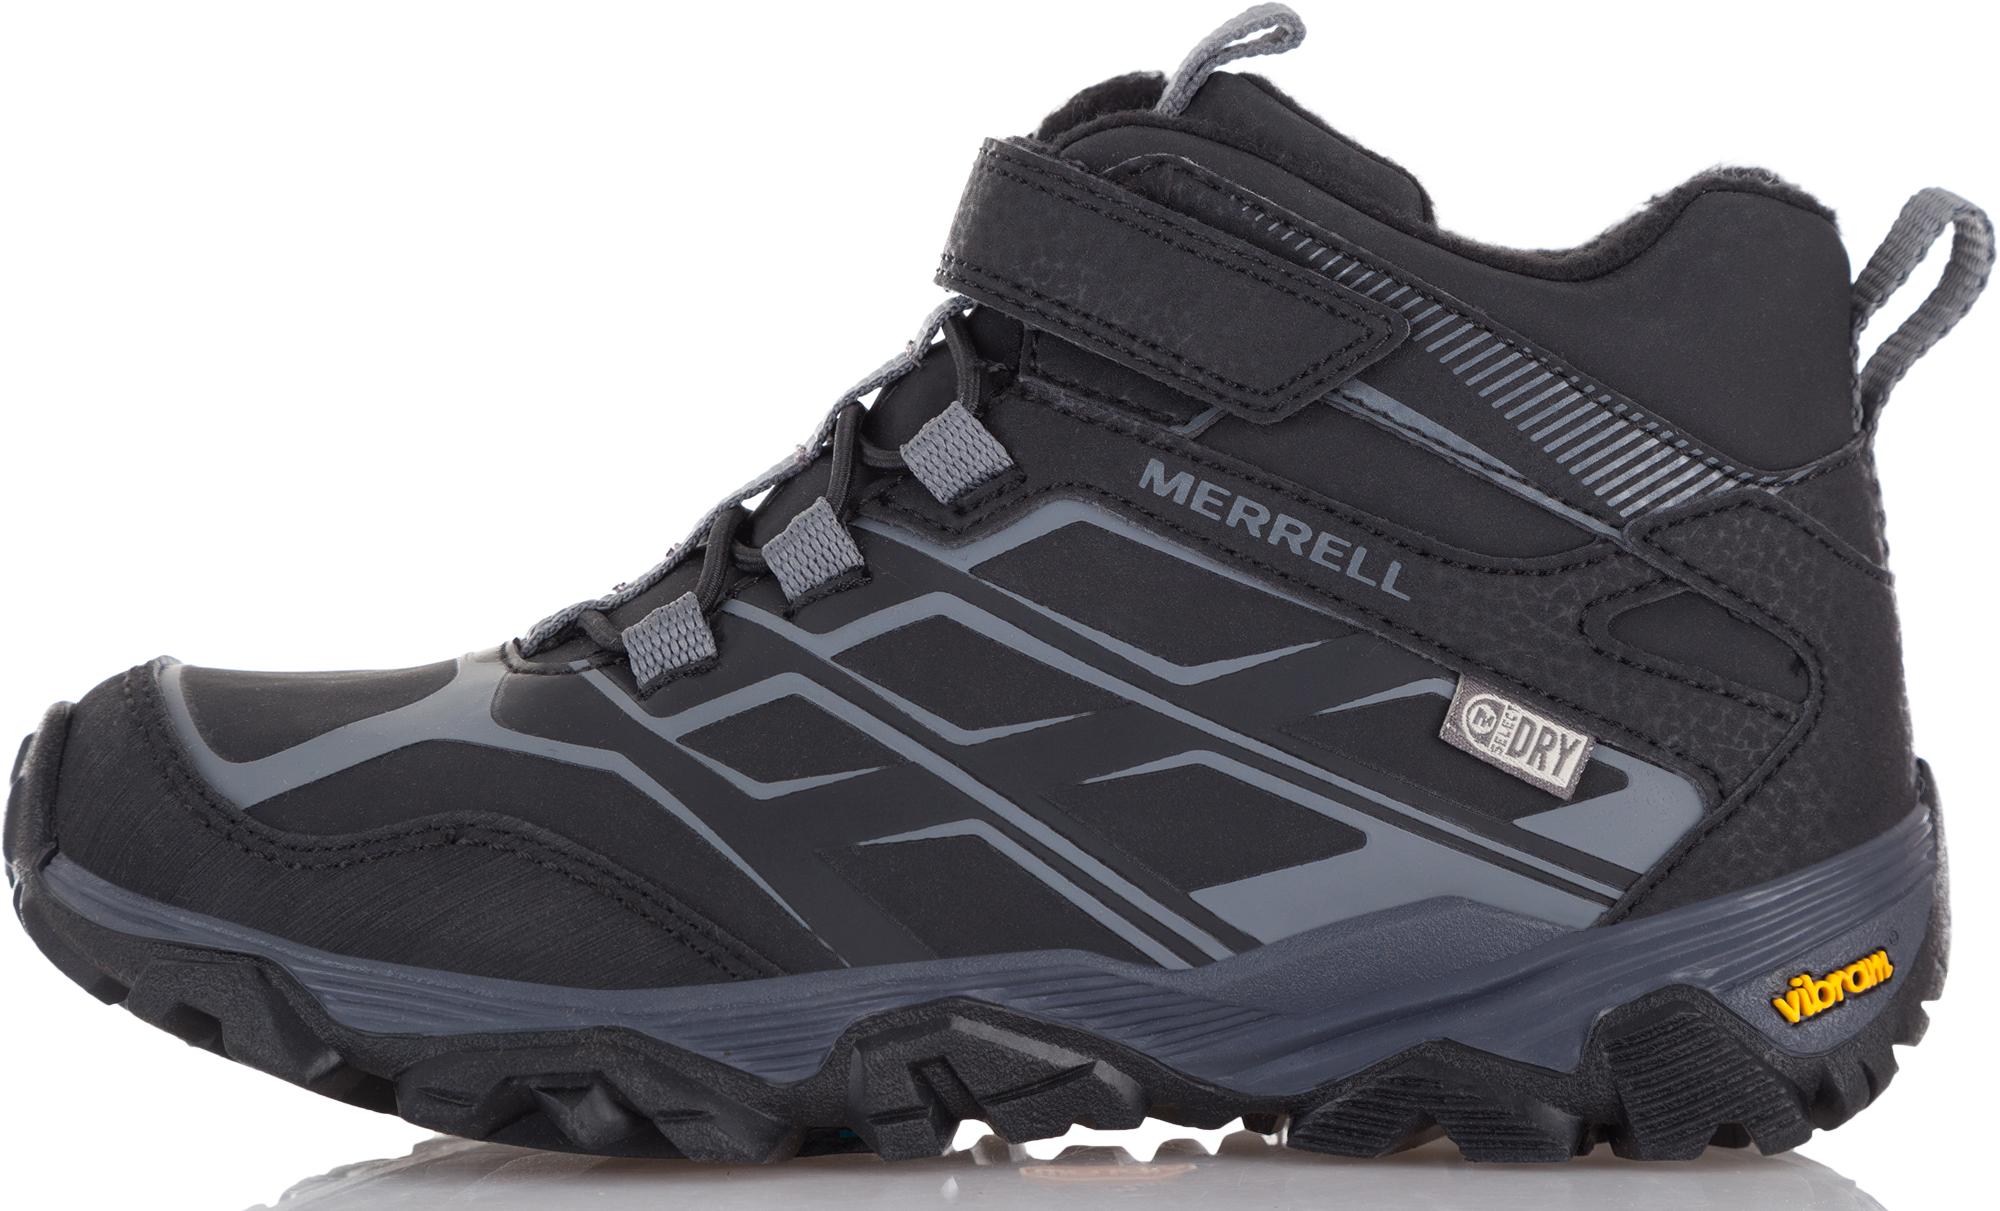 купить Merrell Ботинки утепленные для мальчиков Merrell Moab, размер 33 онлайн